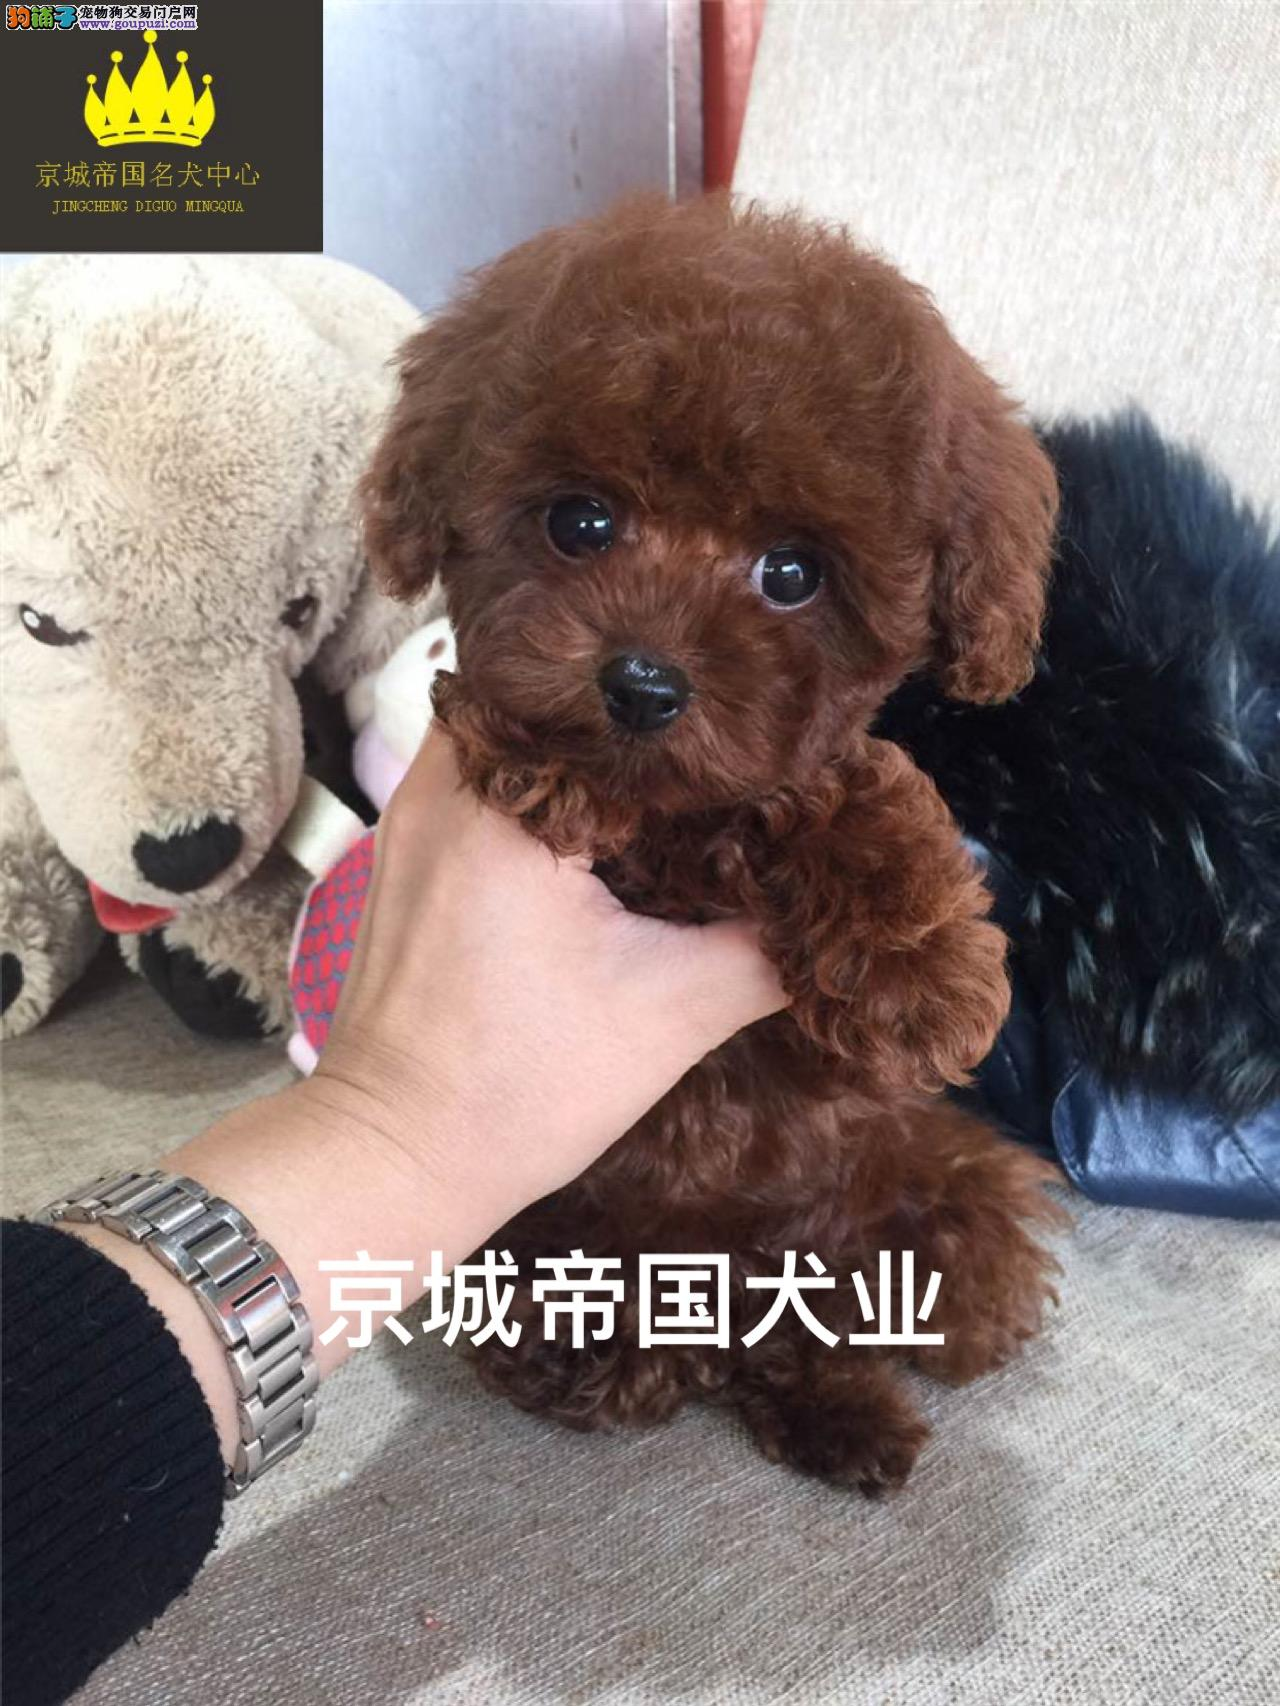 精品泰迪犬 多种颜色选择 保证品质 保证健康